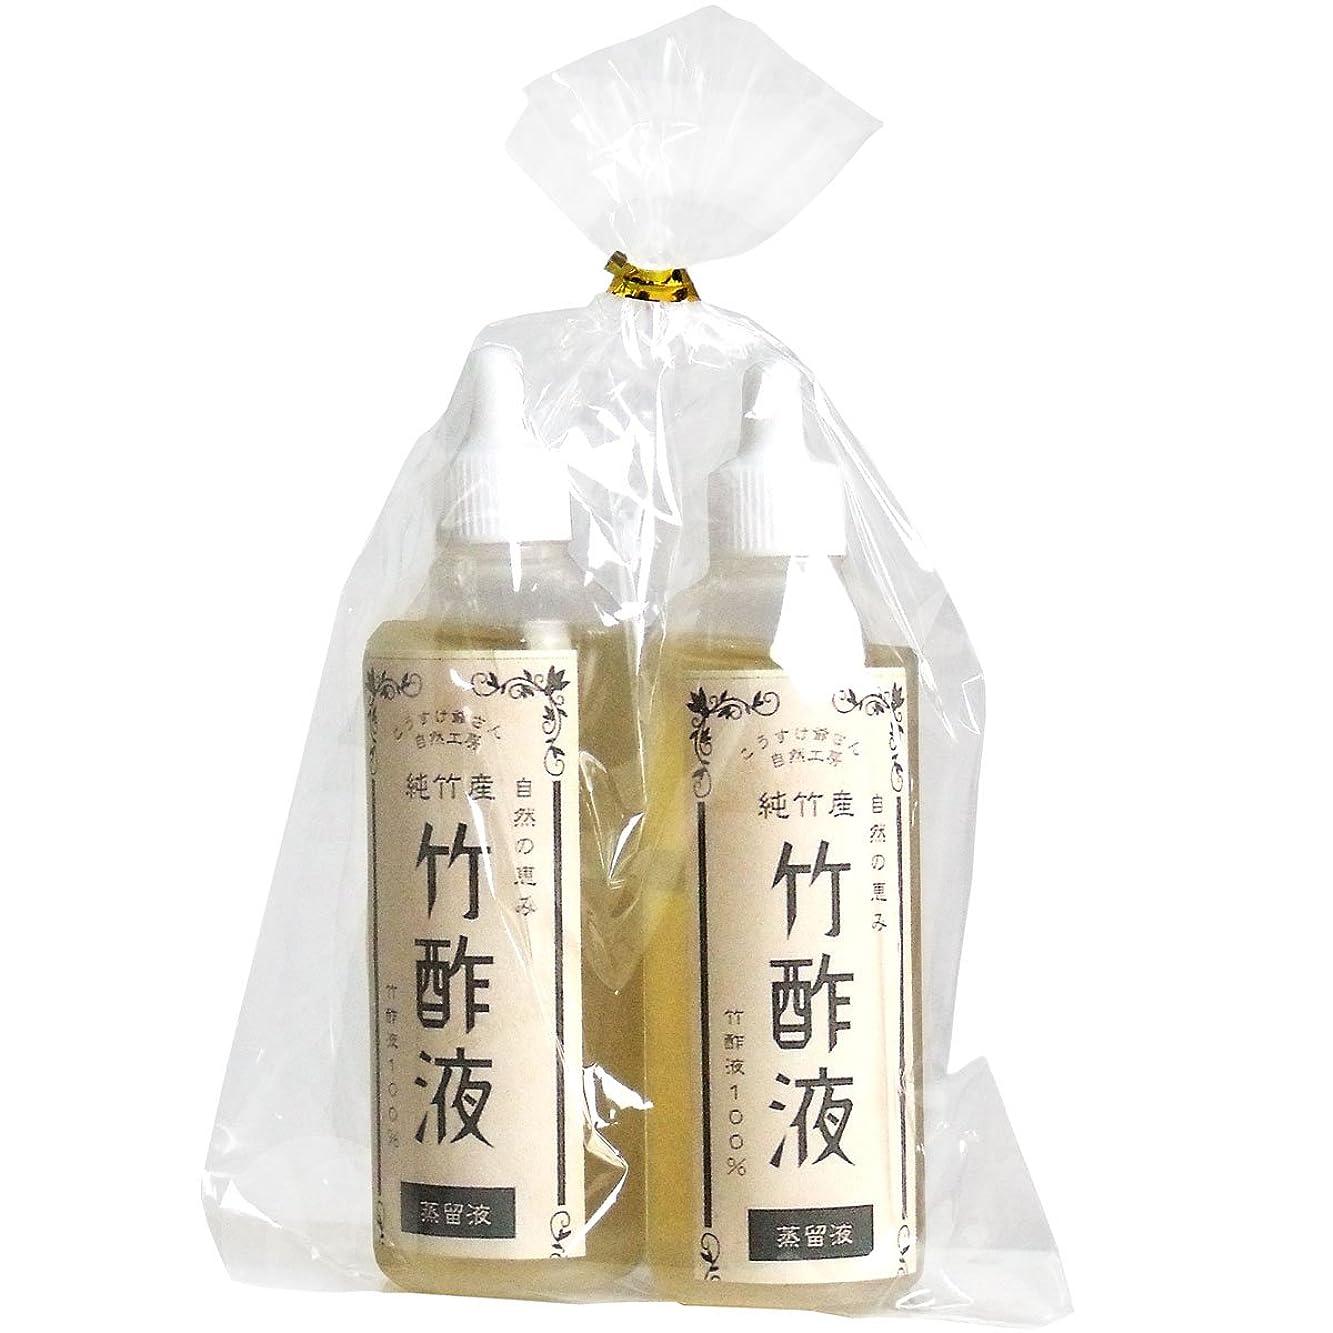 偽造電話に出る抑止する竹酢原液 保水保湿効果がある 話題の こうすけ爺さんの純竹産 竹酢液100% 蒸留液 60mL×2本セット【2個セット】